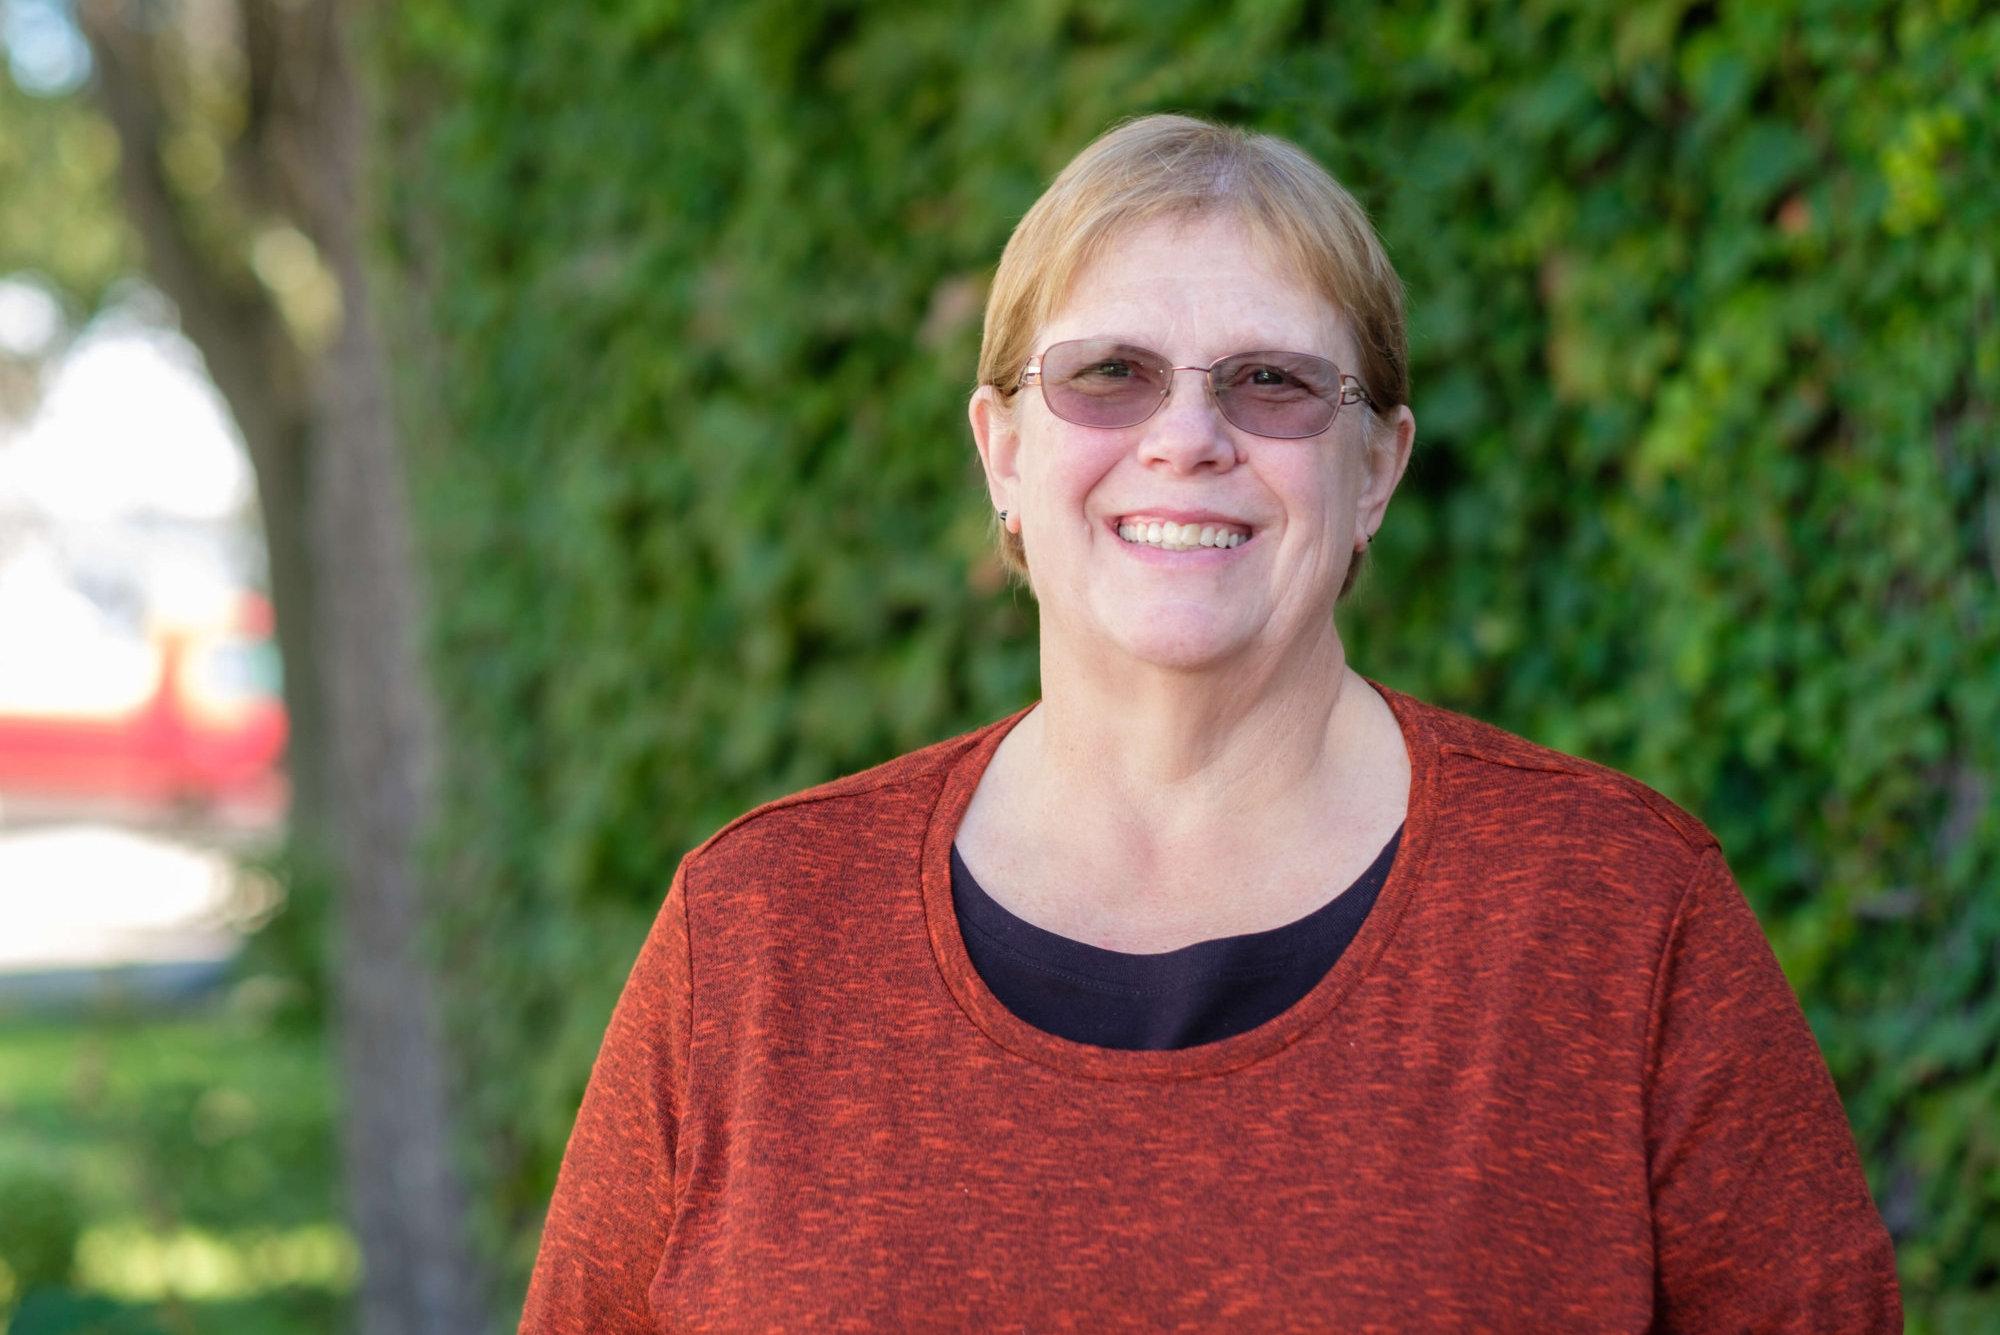 Sue Hartmann